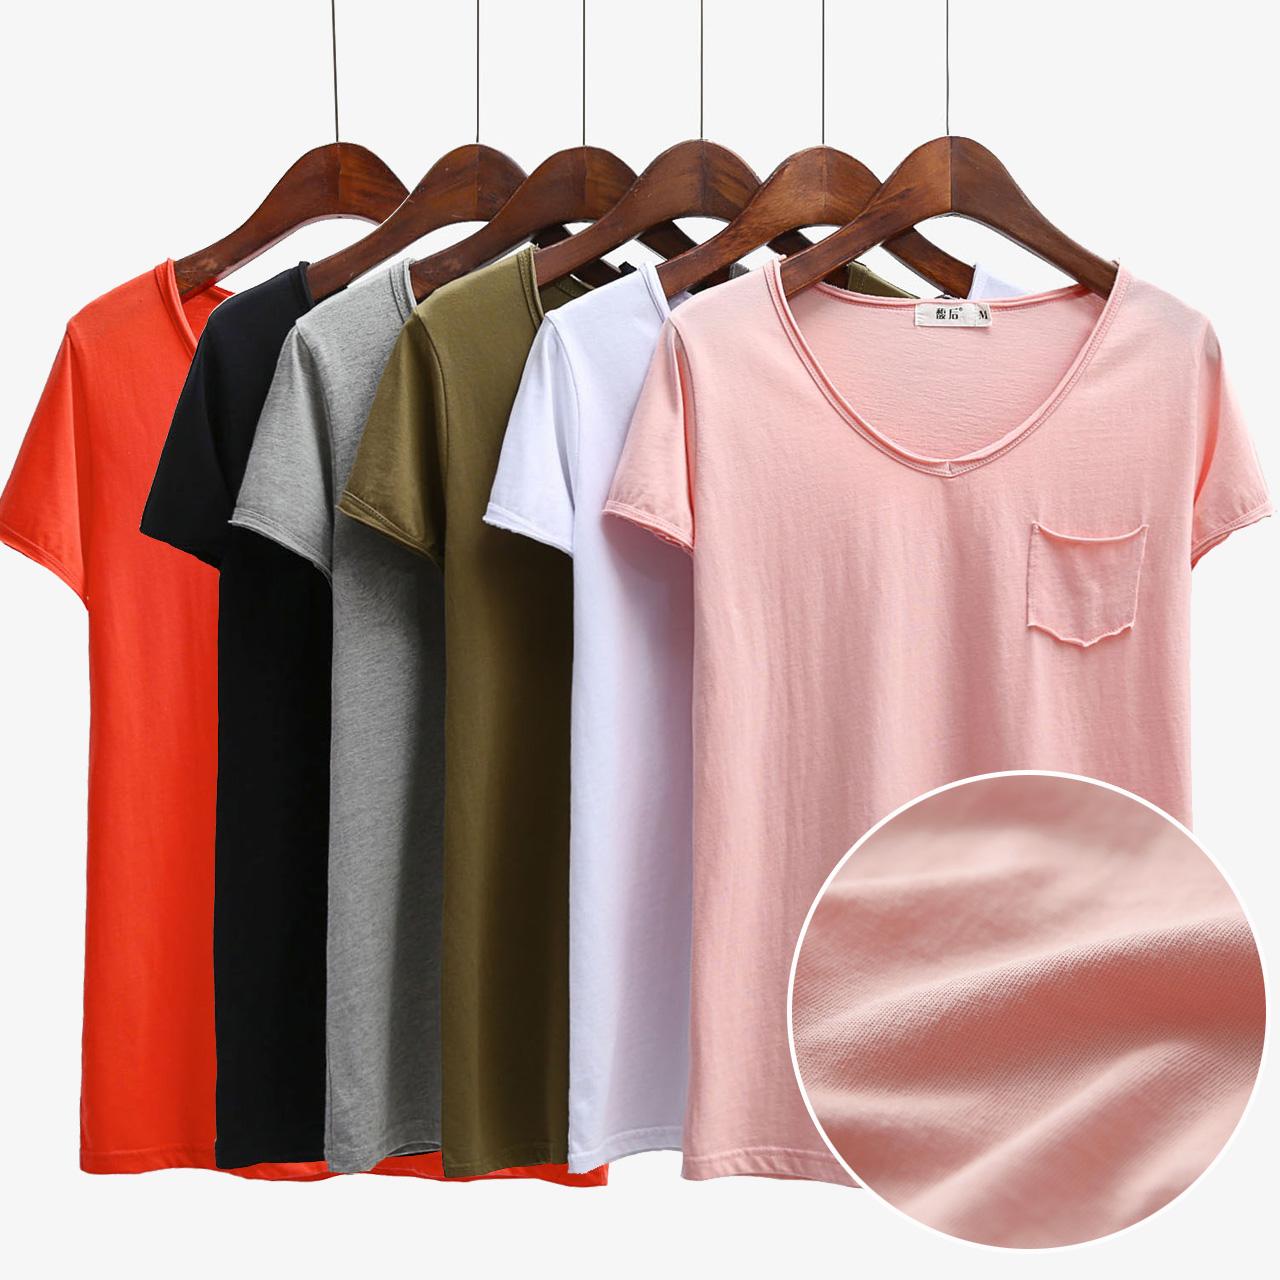 2018hm短袖T恤女装夏韩国学生宽松半袖KM8A21P纯棉体恤简约纯色